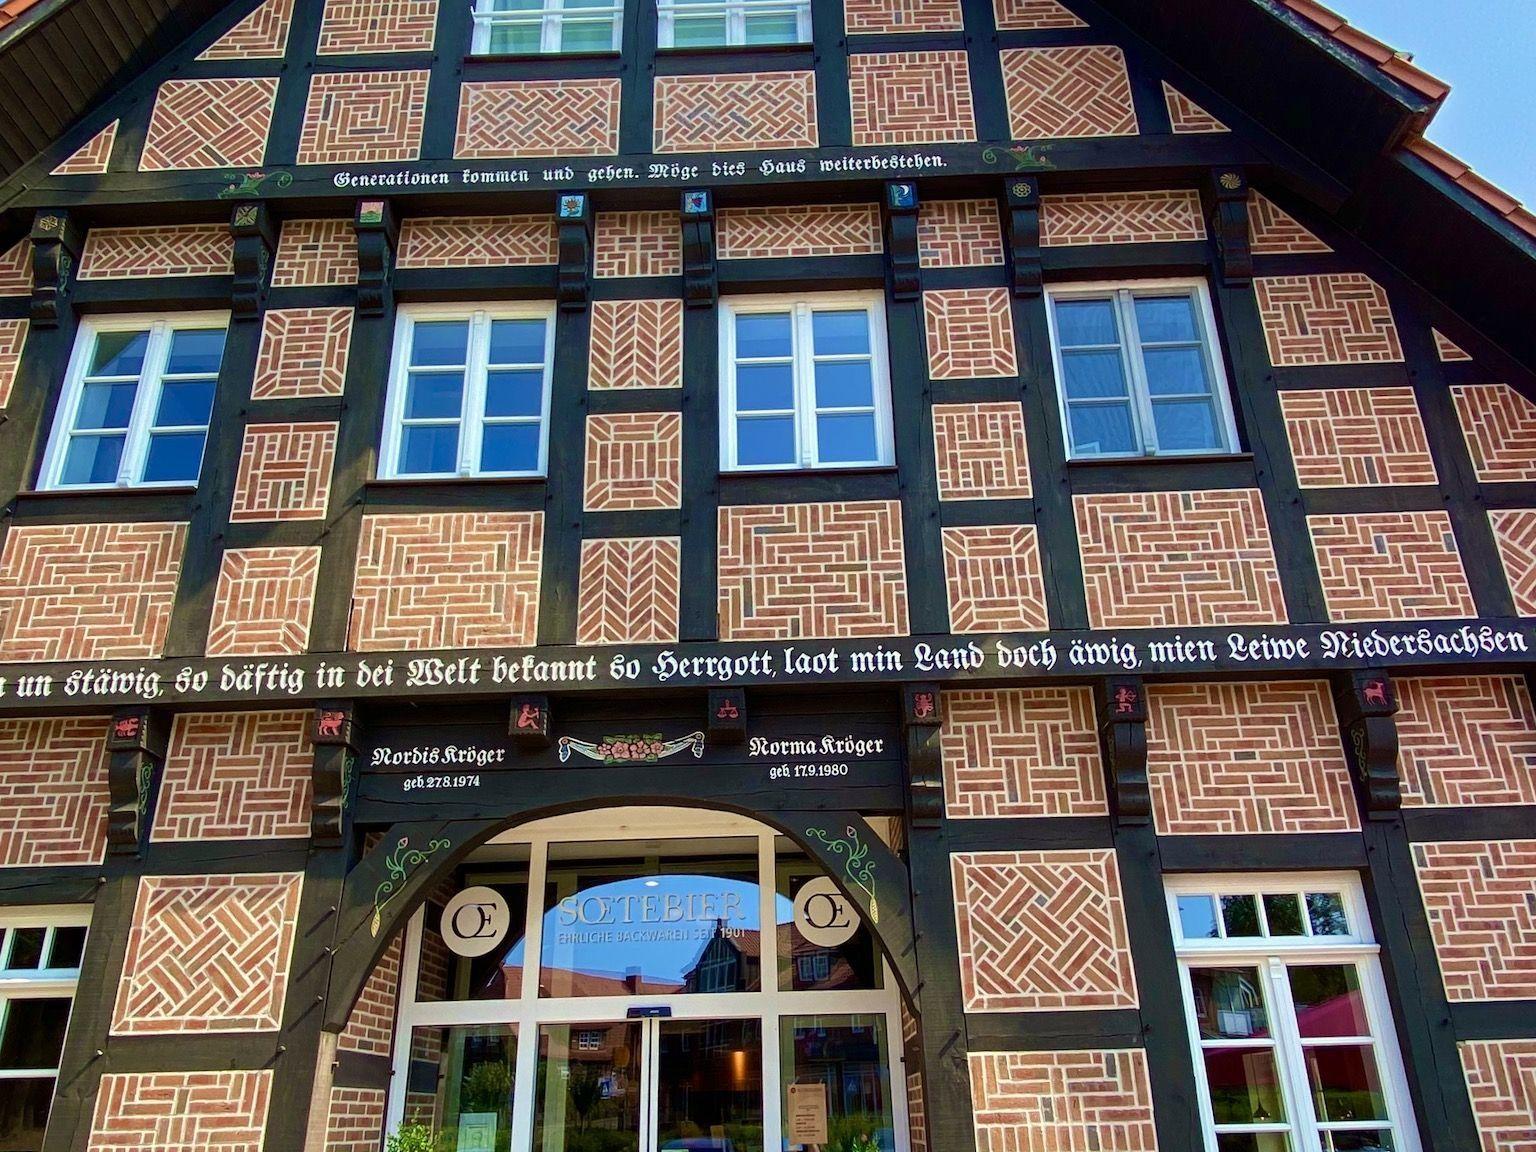 Mit Fachwerkhäusern findest Du in den Dörfern der Lüneburger Heide viel typisch norddeutsche Architektur. Foto: Sascha Tegtmeyer